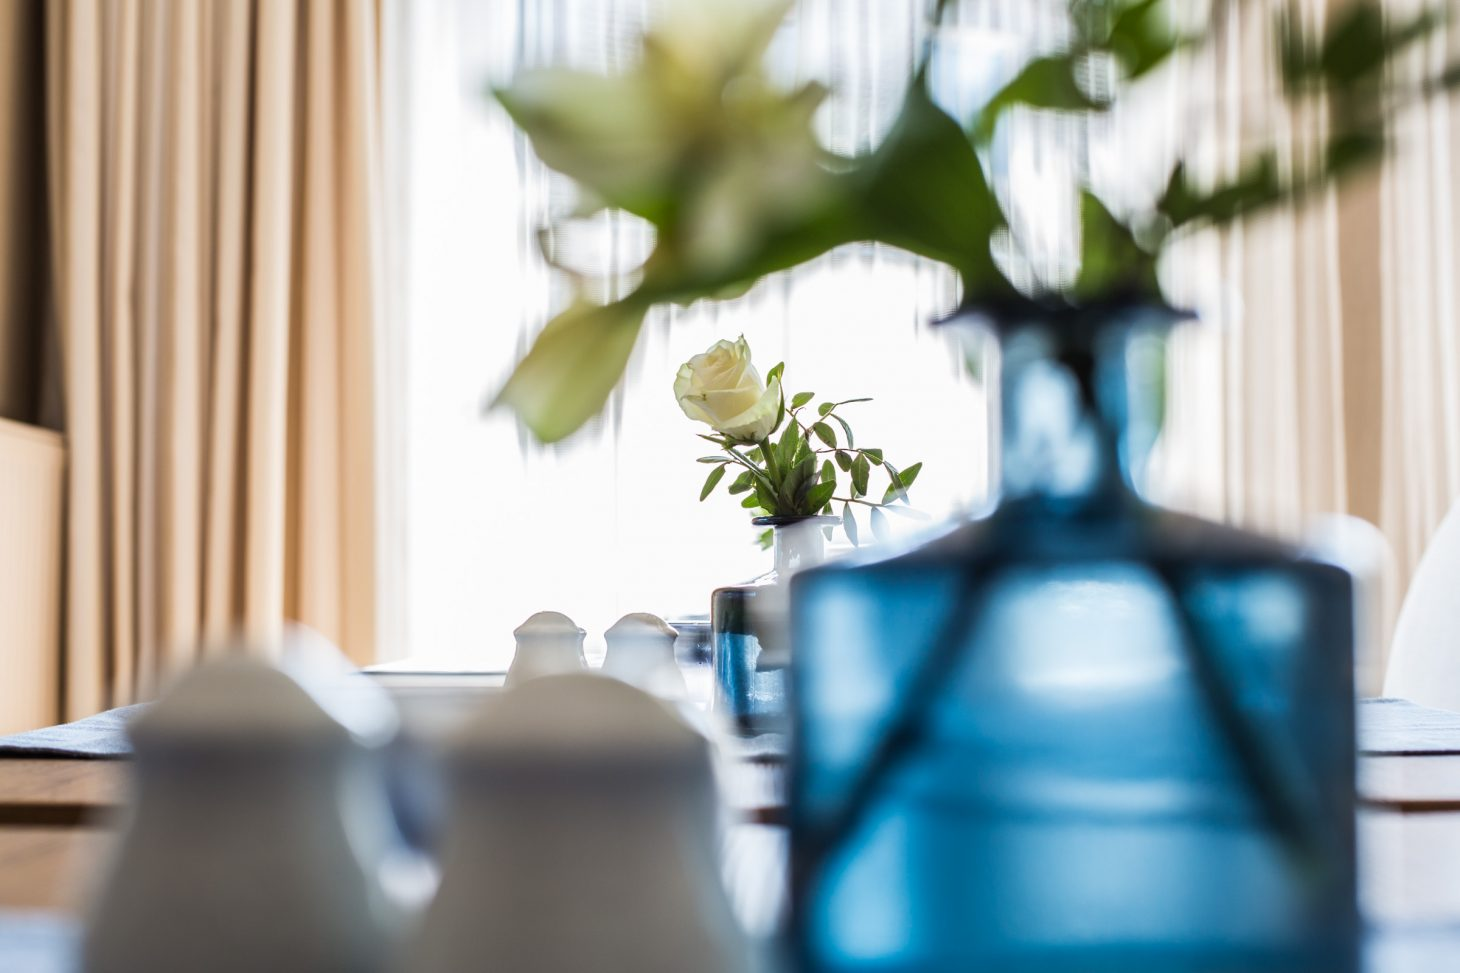 hotel-janssen-2016-09-14-012